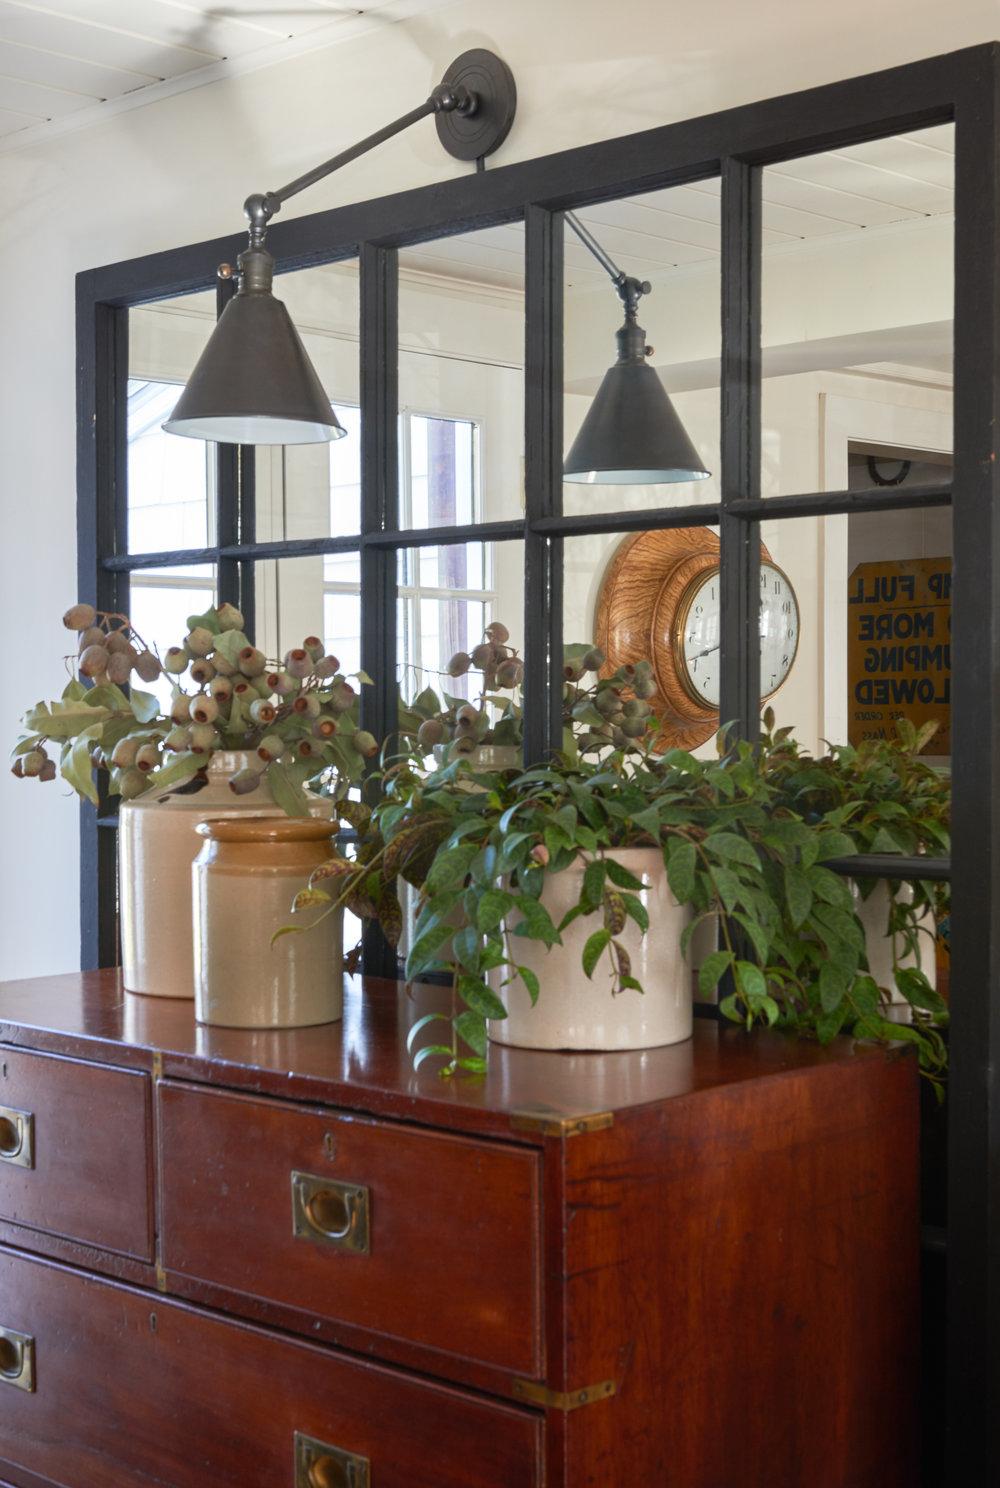 Hilderbrand-Interiors-Silvermine-Antique-©Jane Beiles-1802280847.jpg